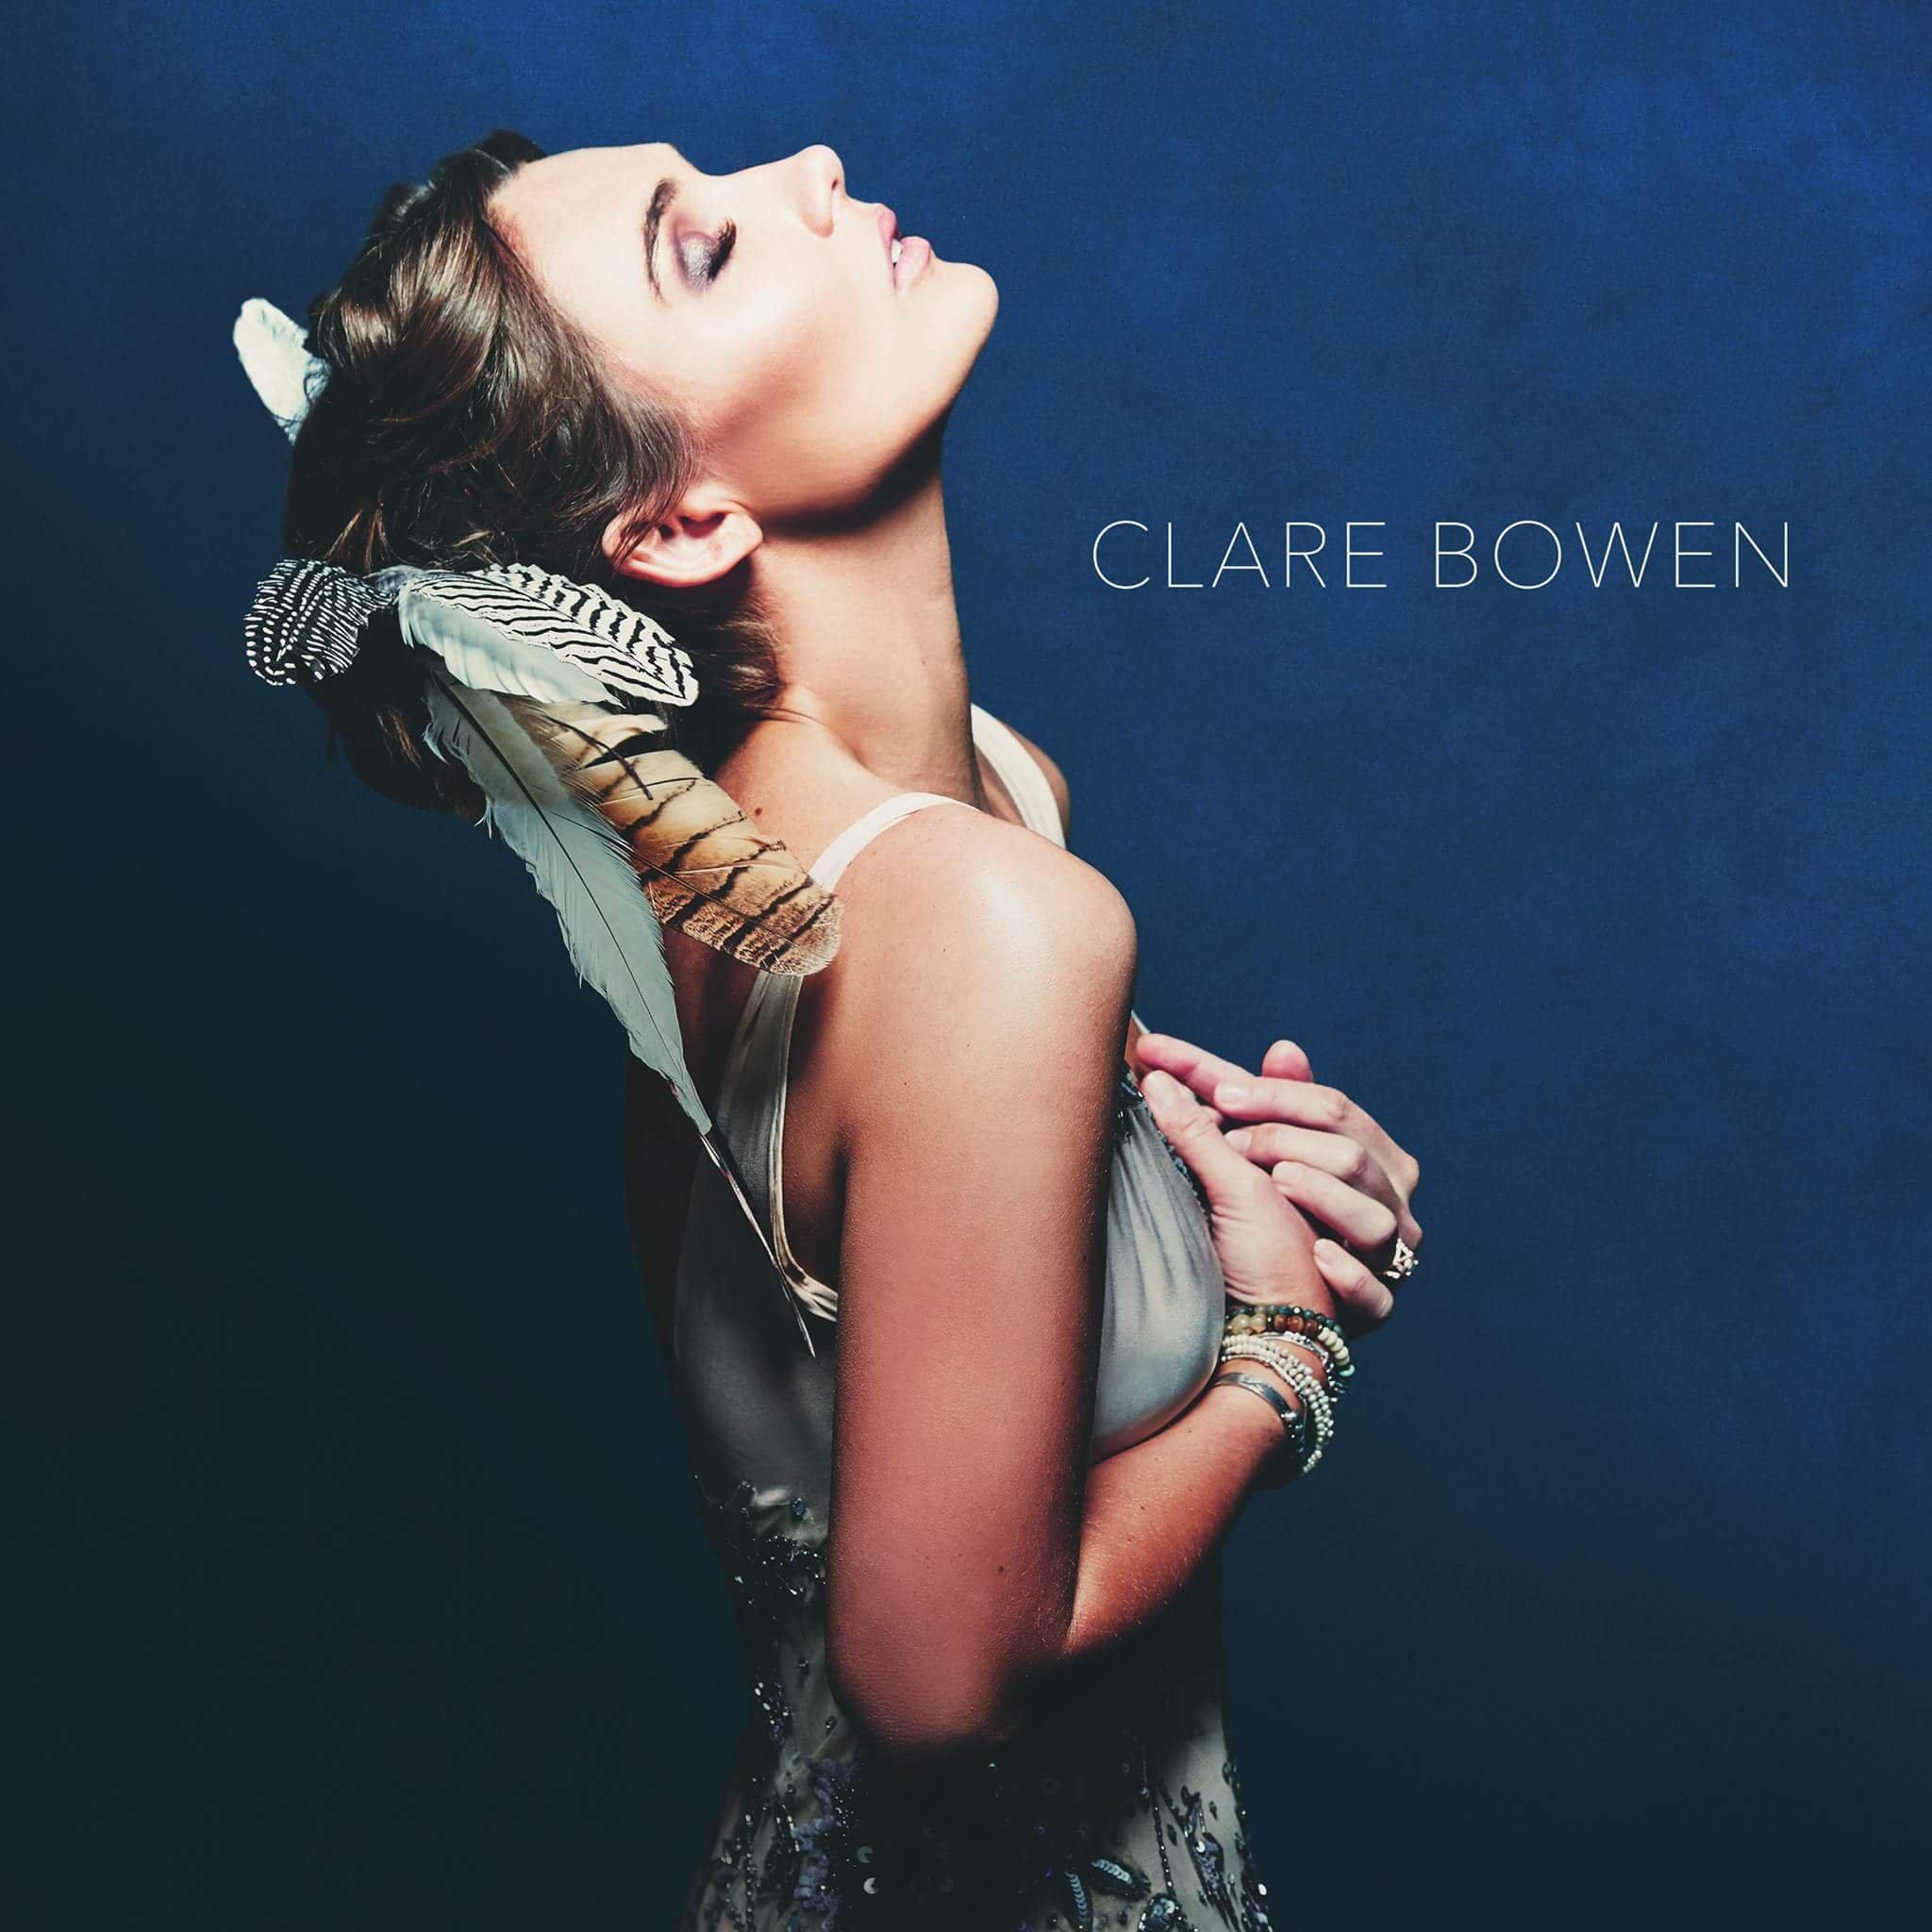 Clare Bowen - Clare Bowen   Dave Gardner   BMG